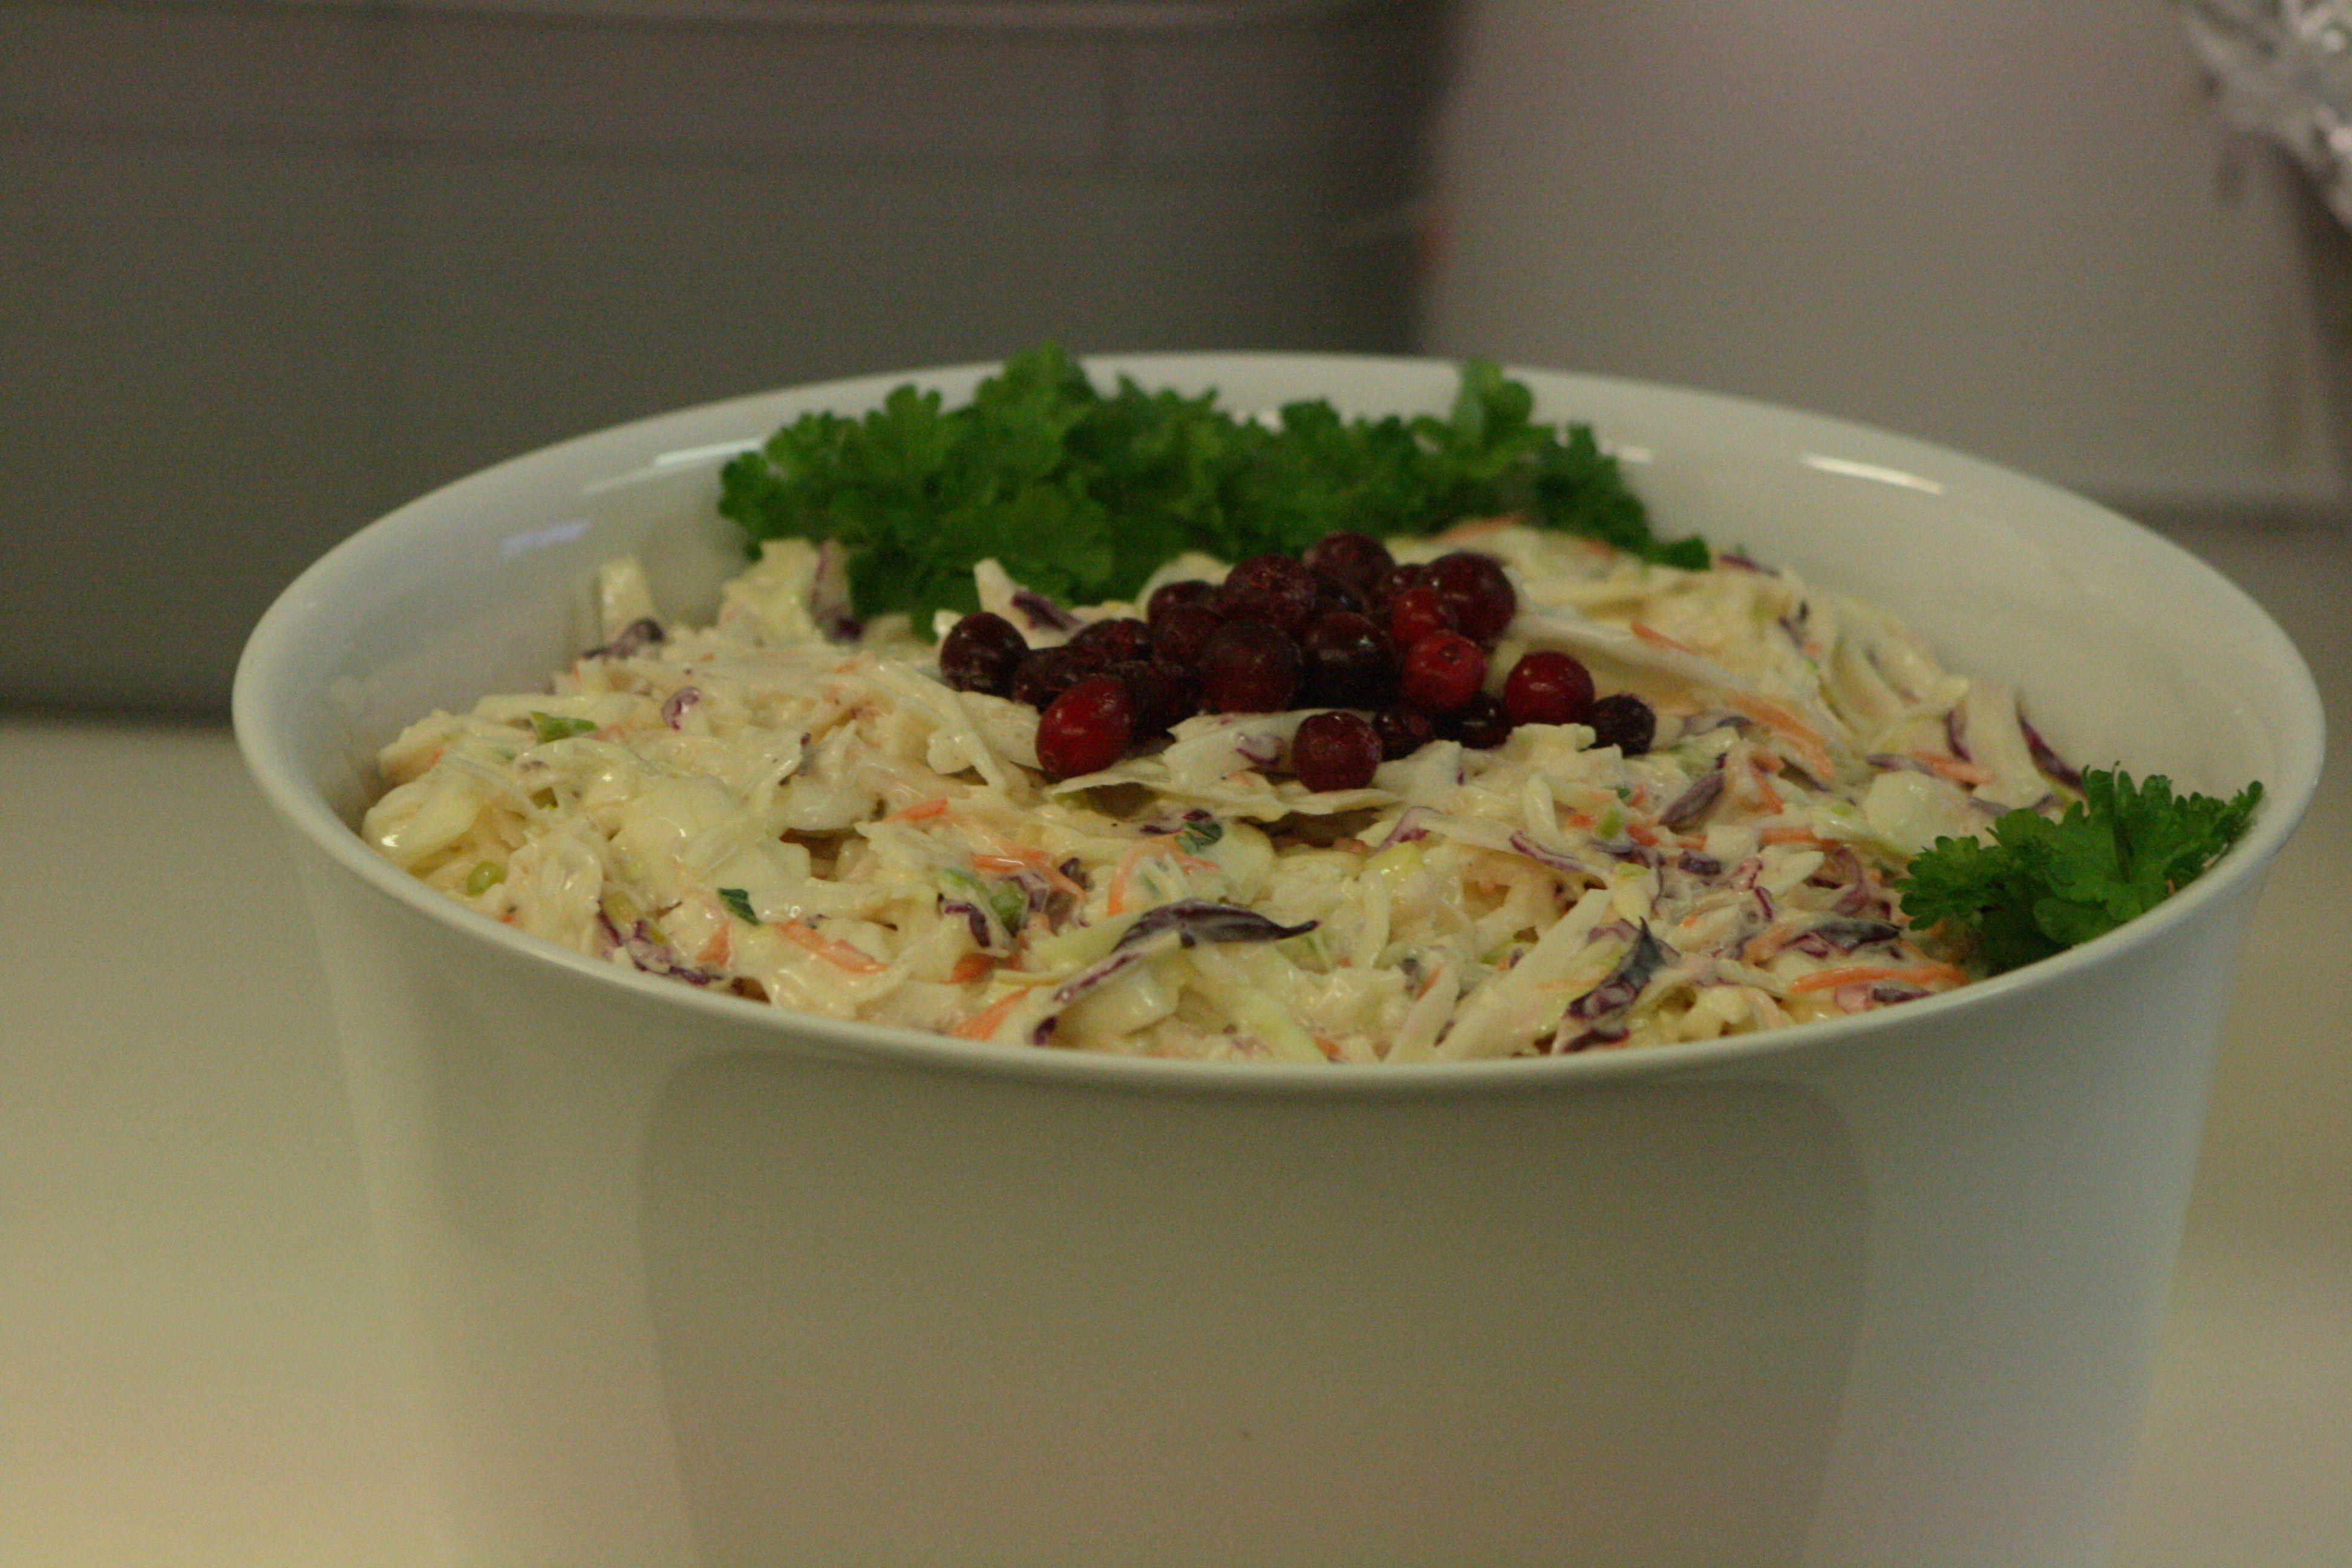 Talvinen coleslaw-salaatti päivälliselle 2016.  #coleslaw #salaatti #salad #vegetable #kasvisruoka